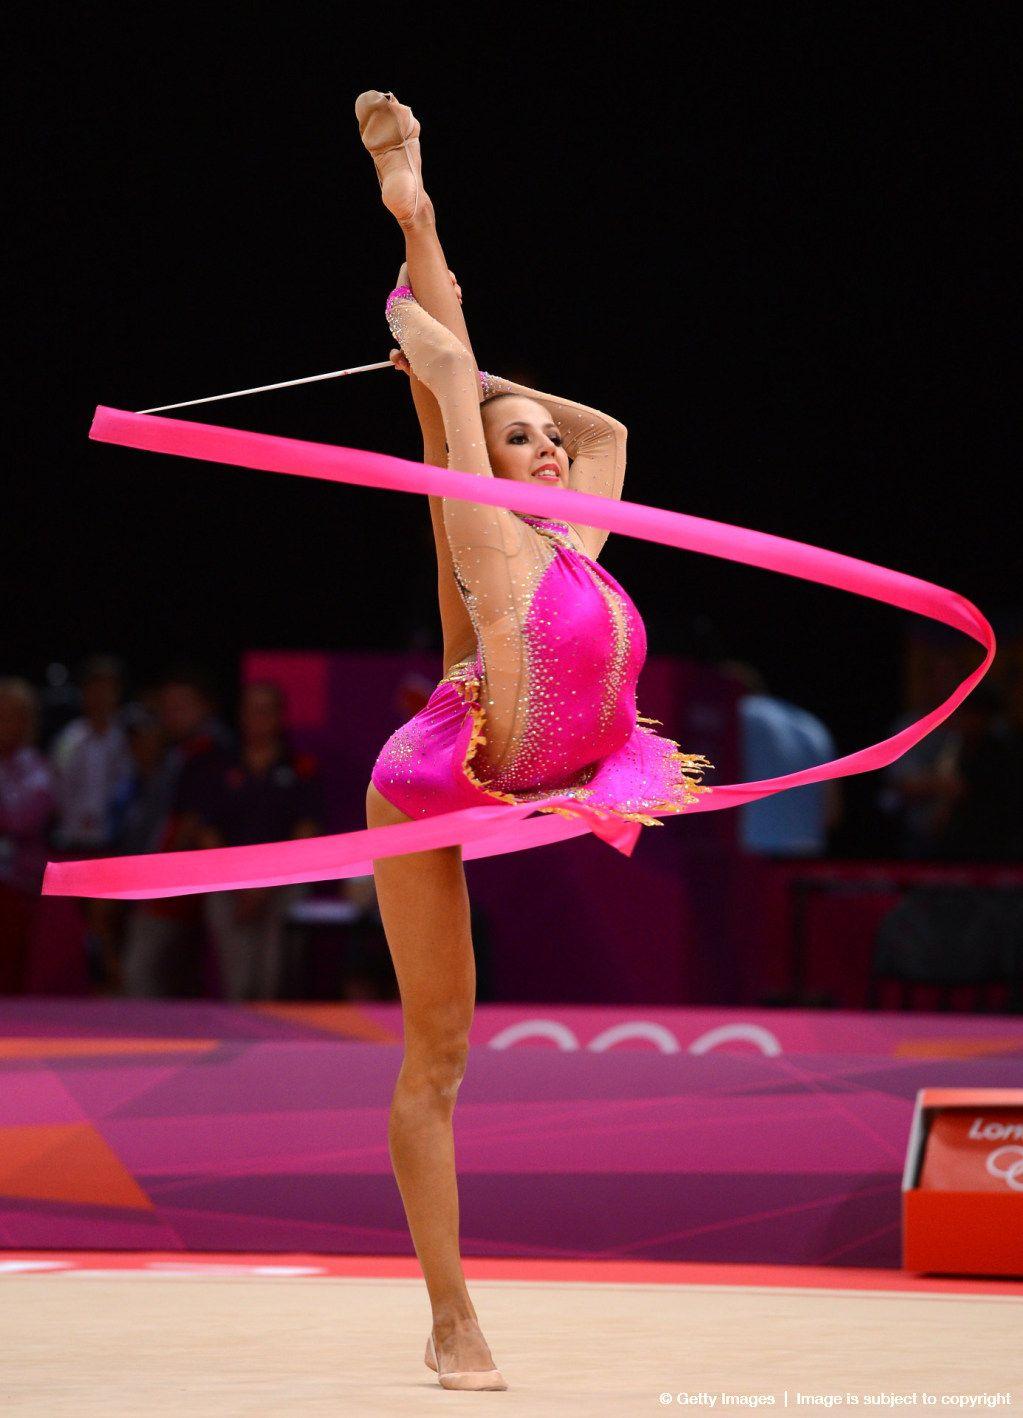 Georgie Parker,Ynez Seabury Porn images Emily Hedicke,Lyubov Yegorova 9 Olympic medals